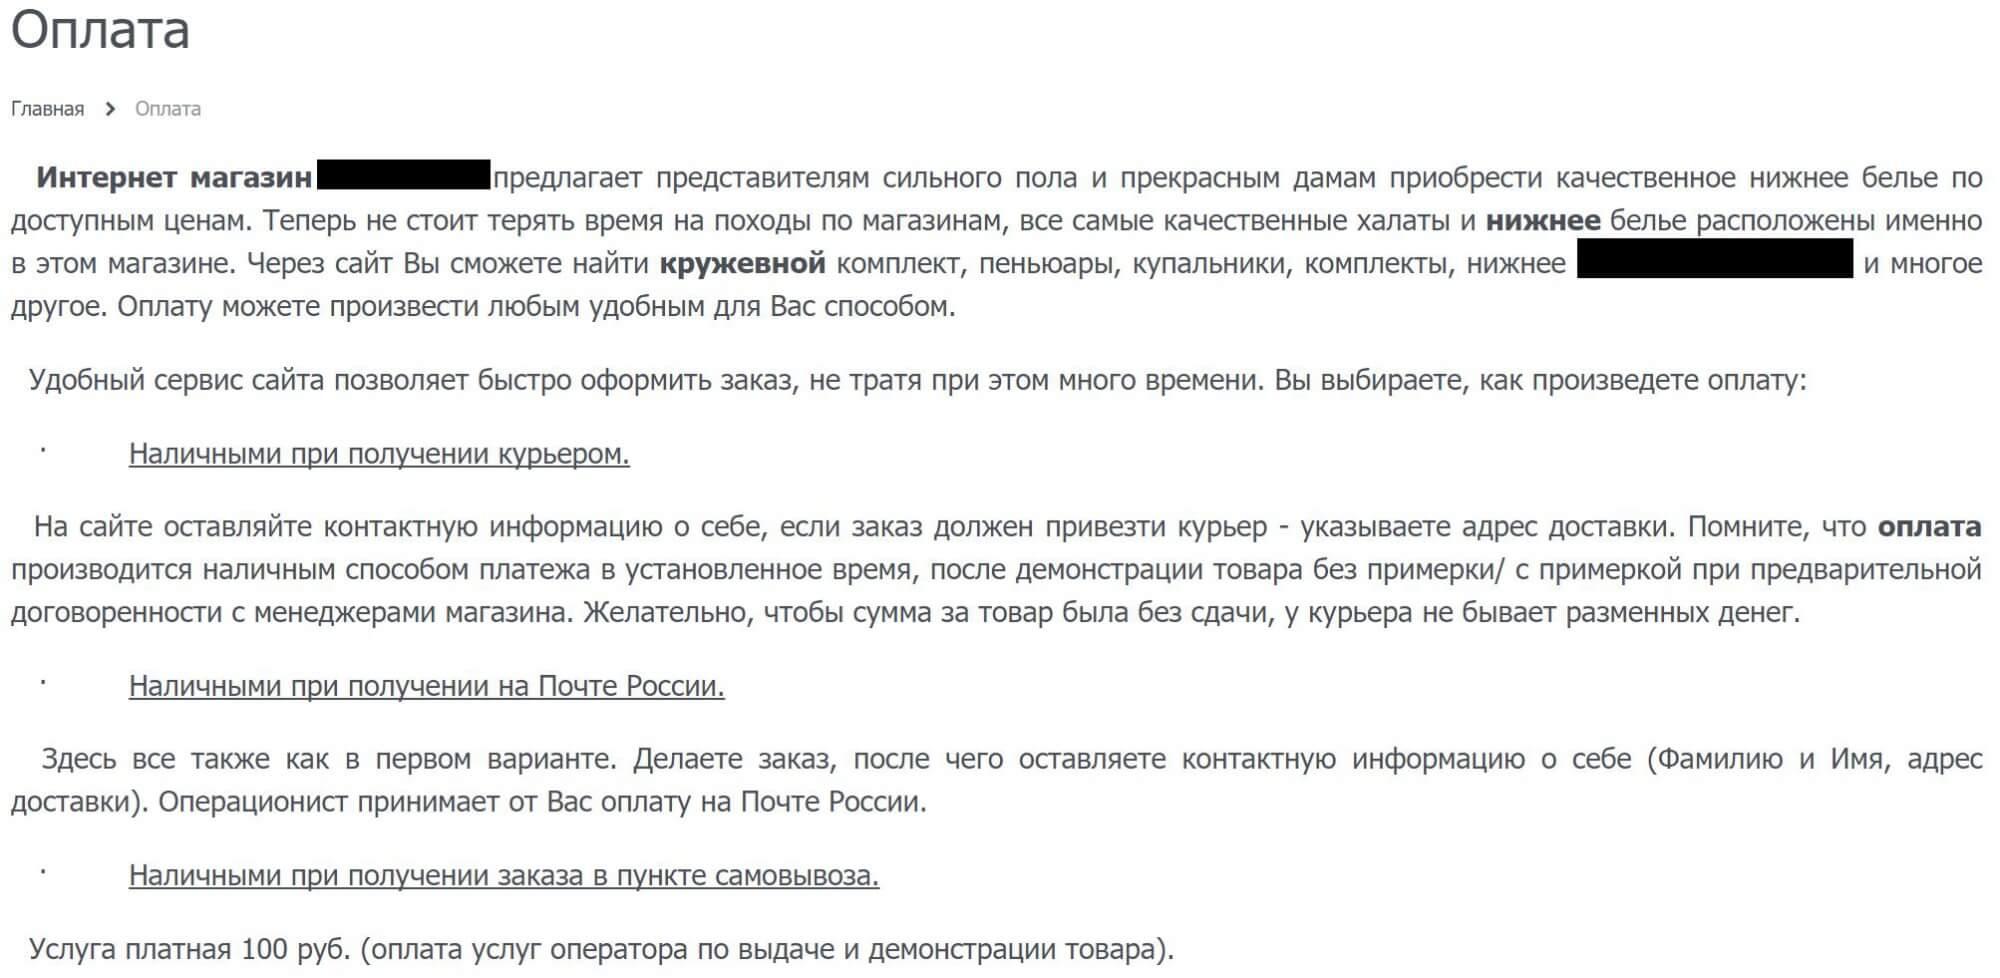 как узнать номер машины по фамилии владельца онлайн бесплатно россия листать занять электронные деньги